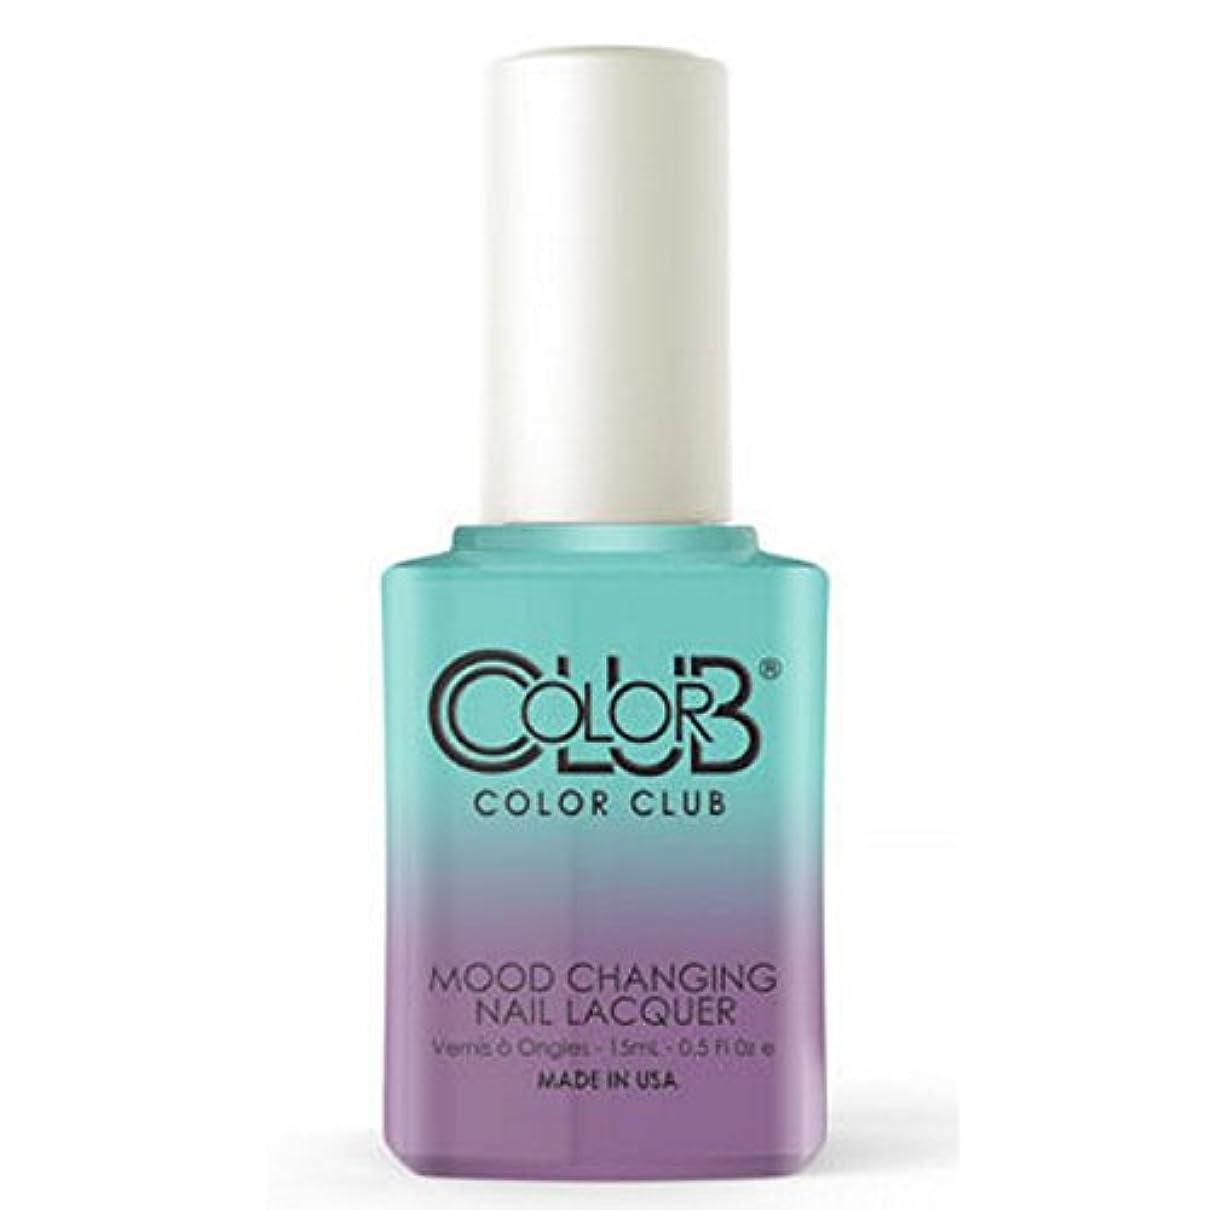 処分したバングコンバーチブルColor Club Mood Changing Nail Lacquer - Serene Green - 15 mL / 0.5 fl oz